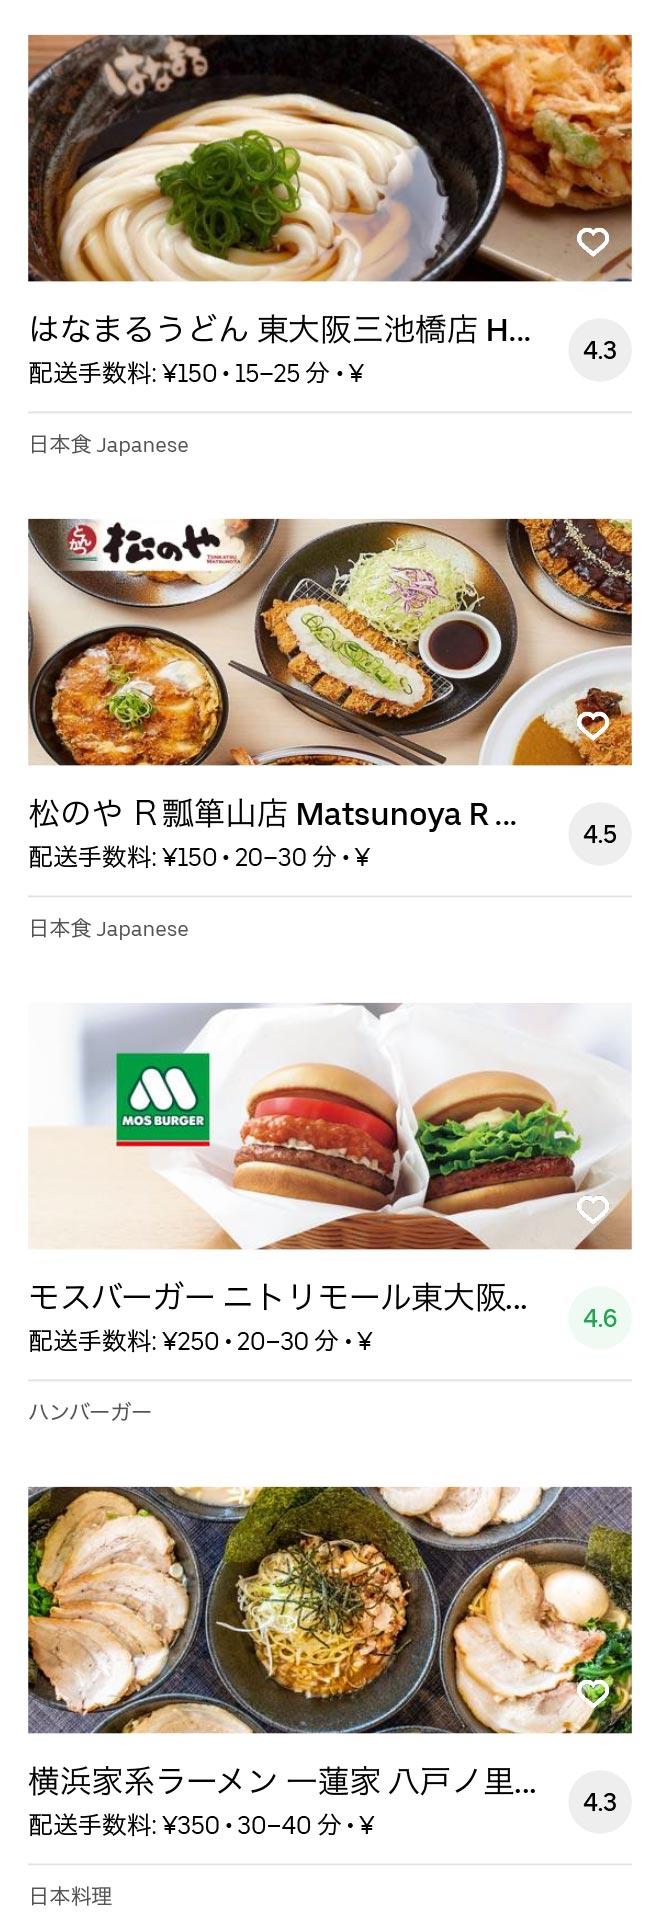 Higashi osaka higashi hanazono menu 2005 06